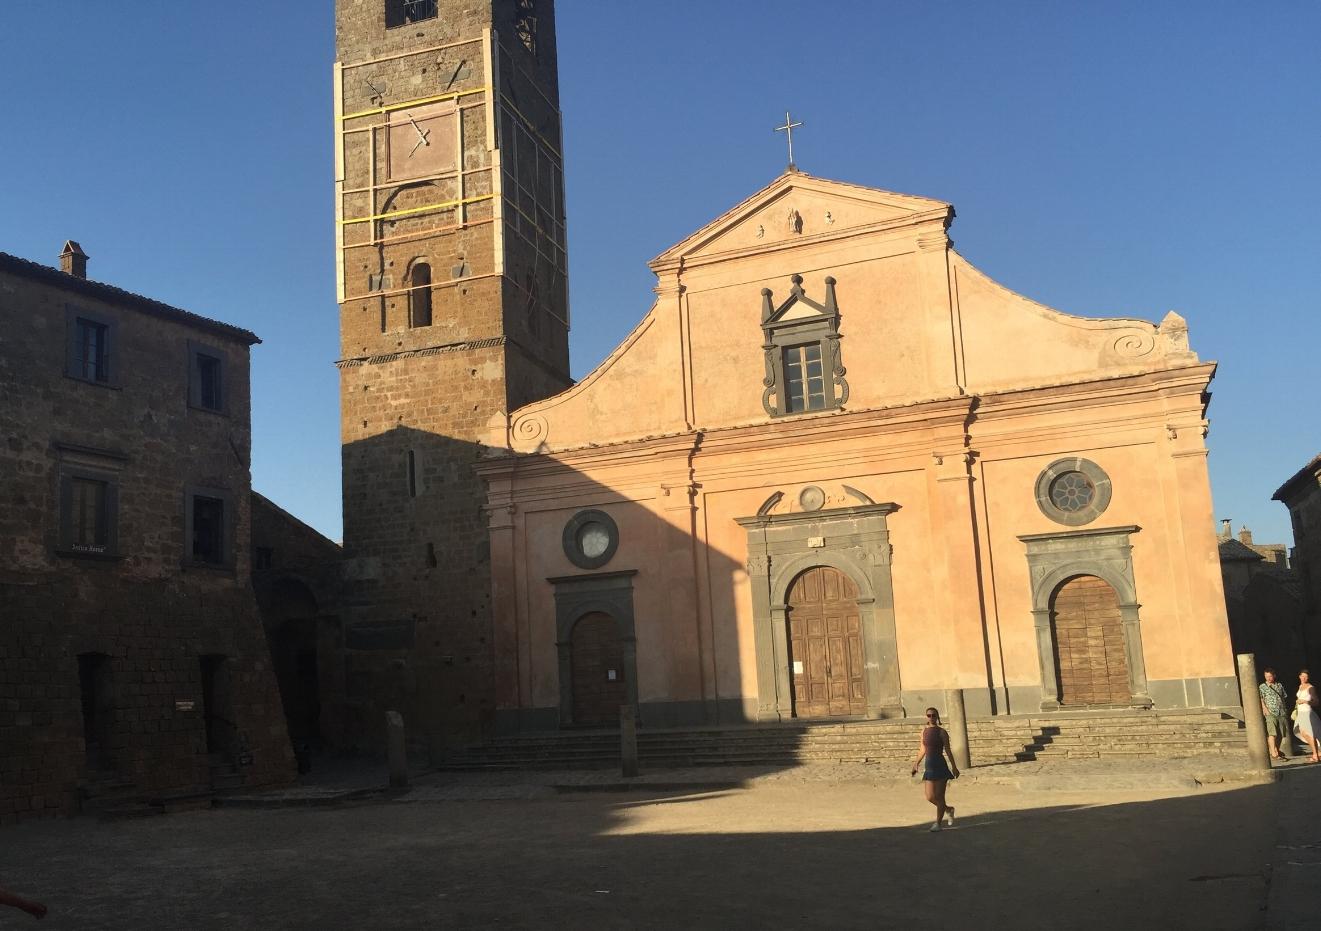 Piazza San Donato, Civita di Bagnoregio city centre (Photo credit:Sumi_Sumilier)